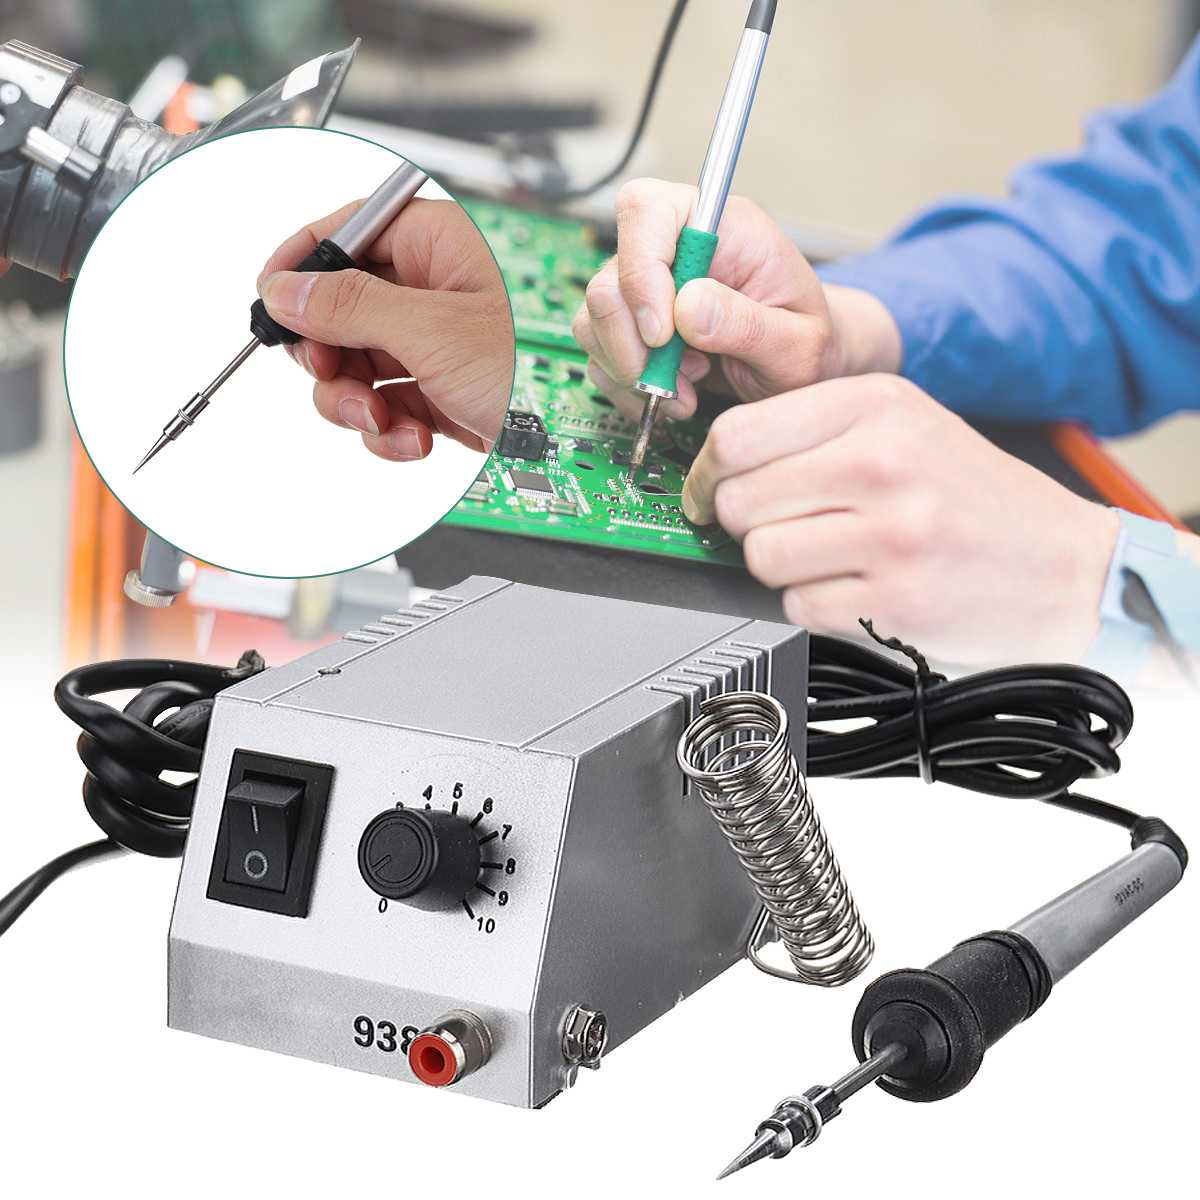 Mini Solder 2-in-1 SMD Soldering Station 12V Digital Display Rework Solder Station And Electric Soldering Iron  110V/220V